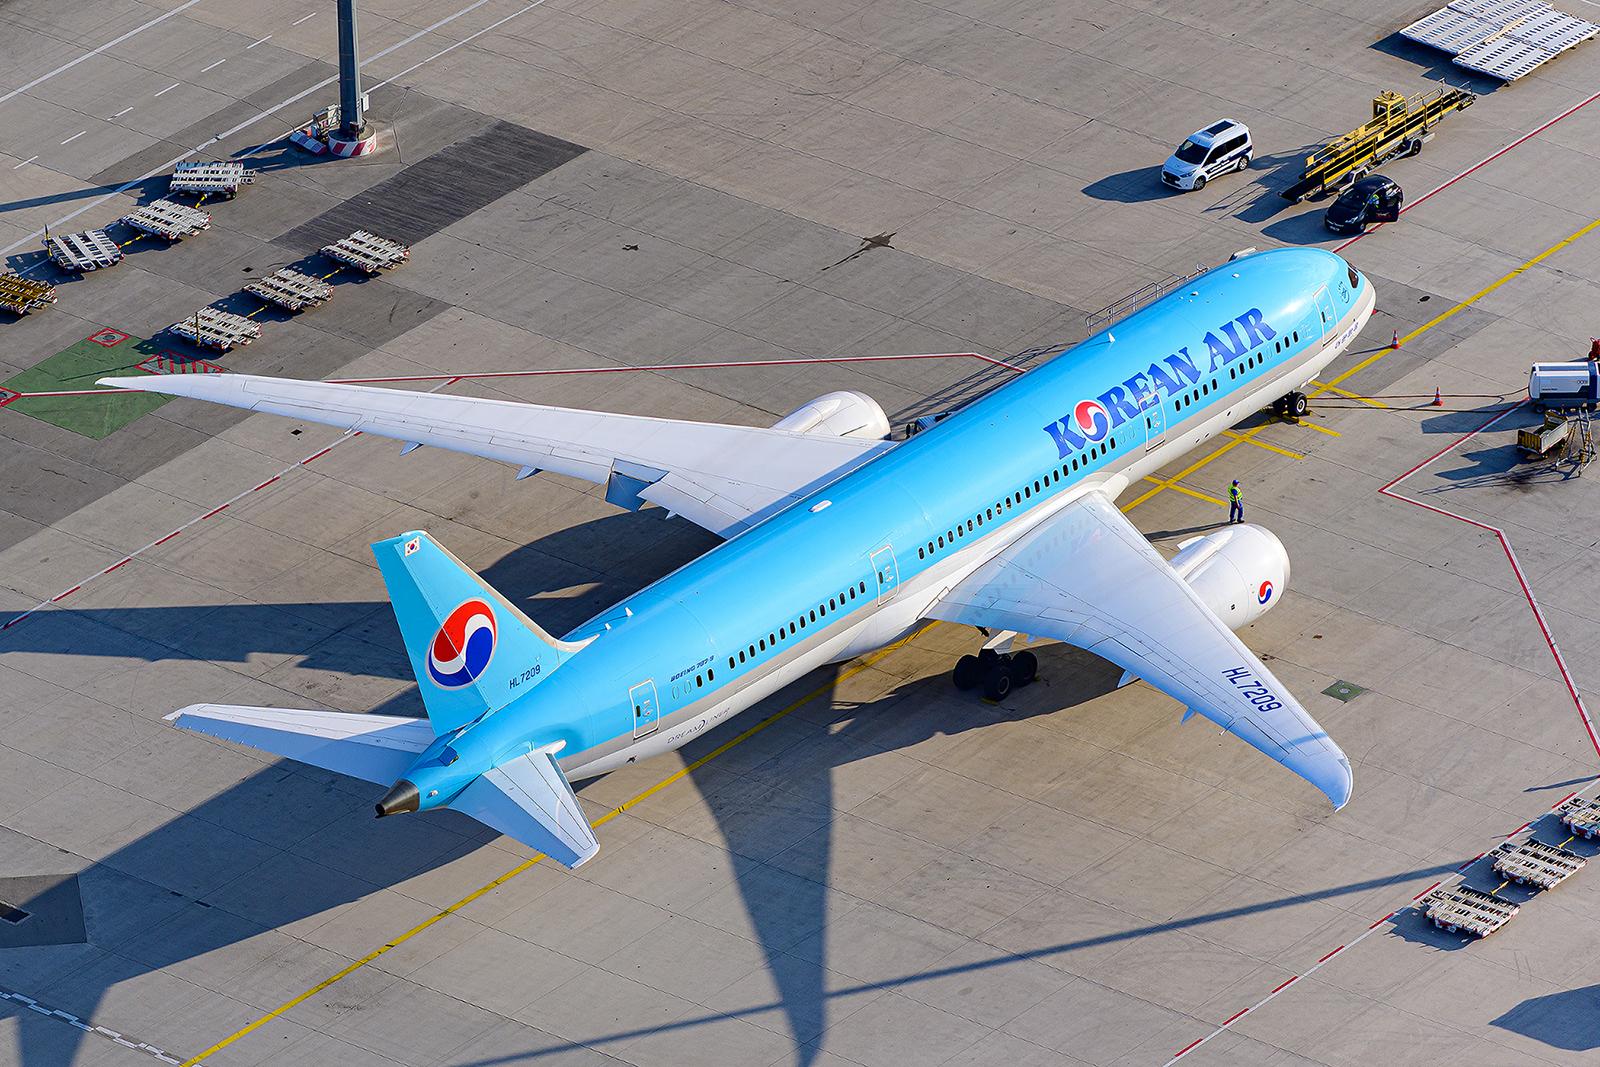 Korean schickte 2020 erstmals den Dreamliner nach Frankfurt